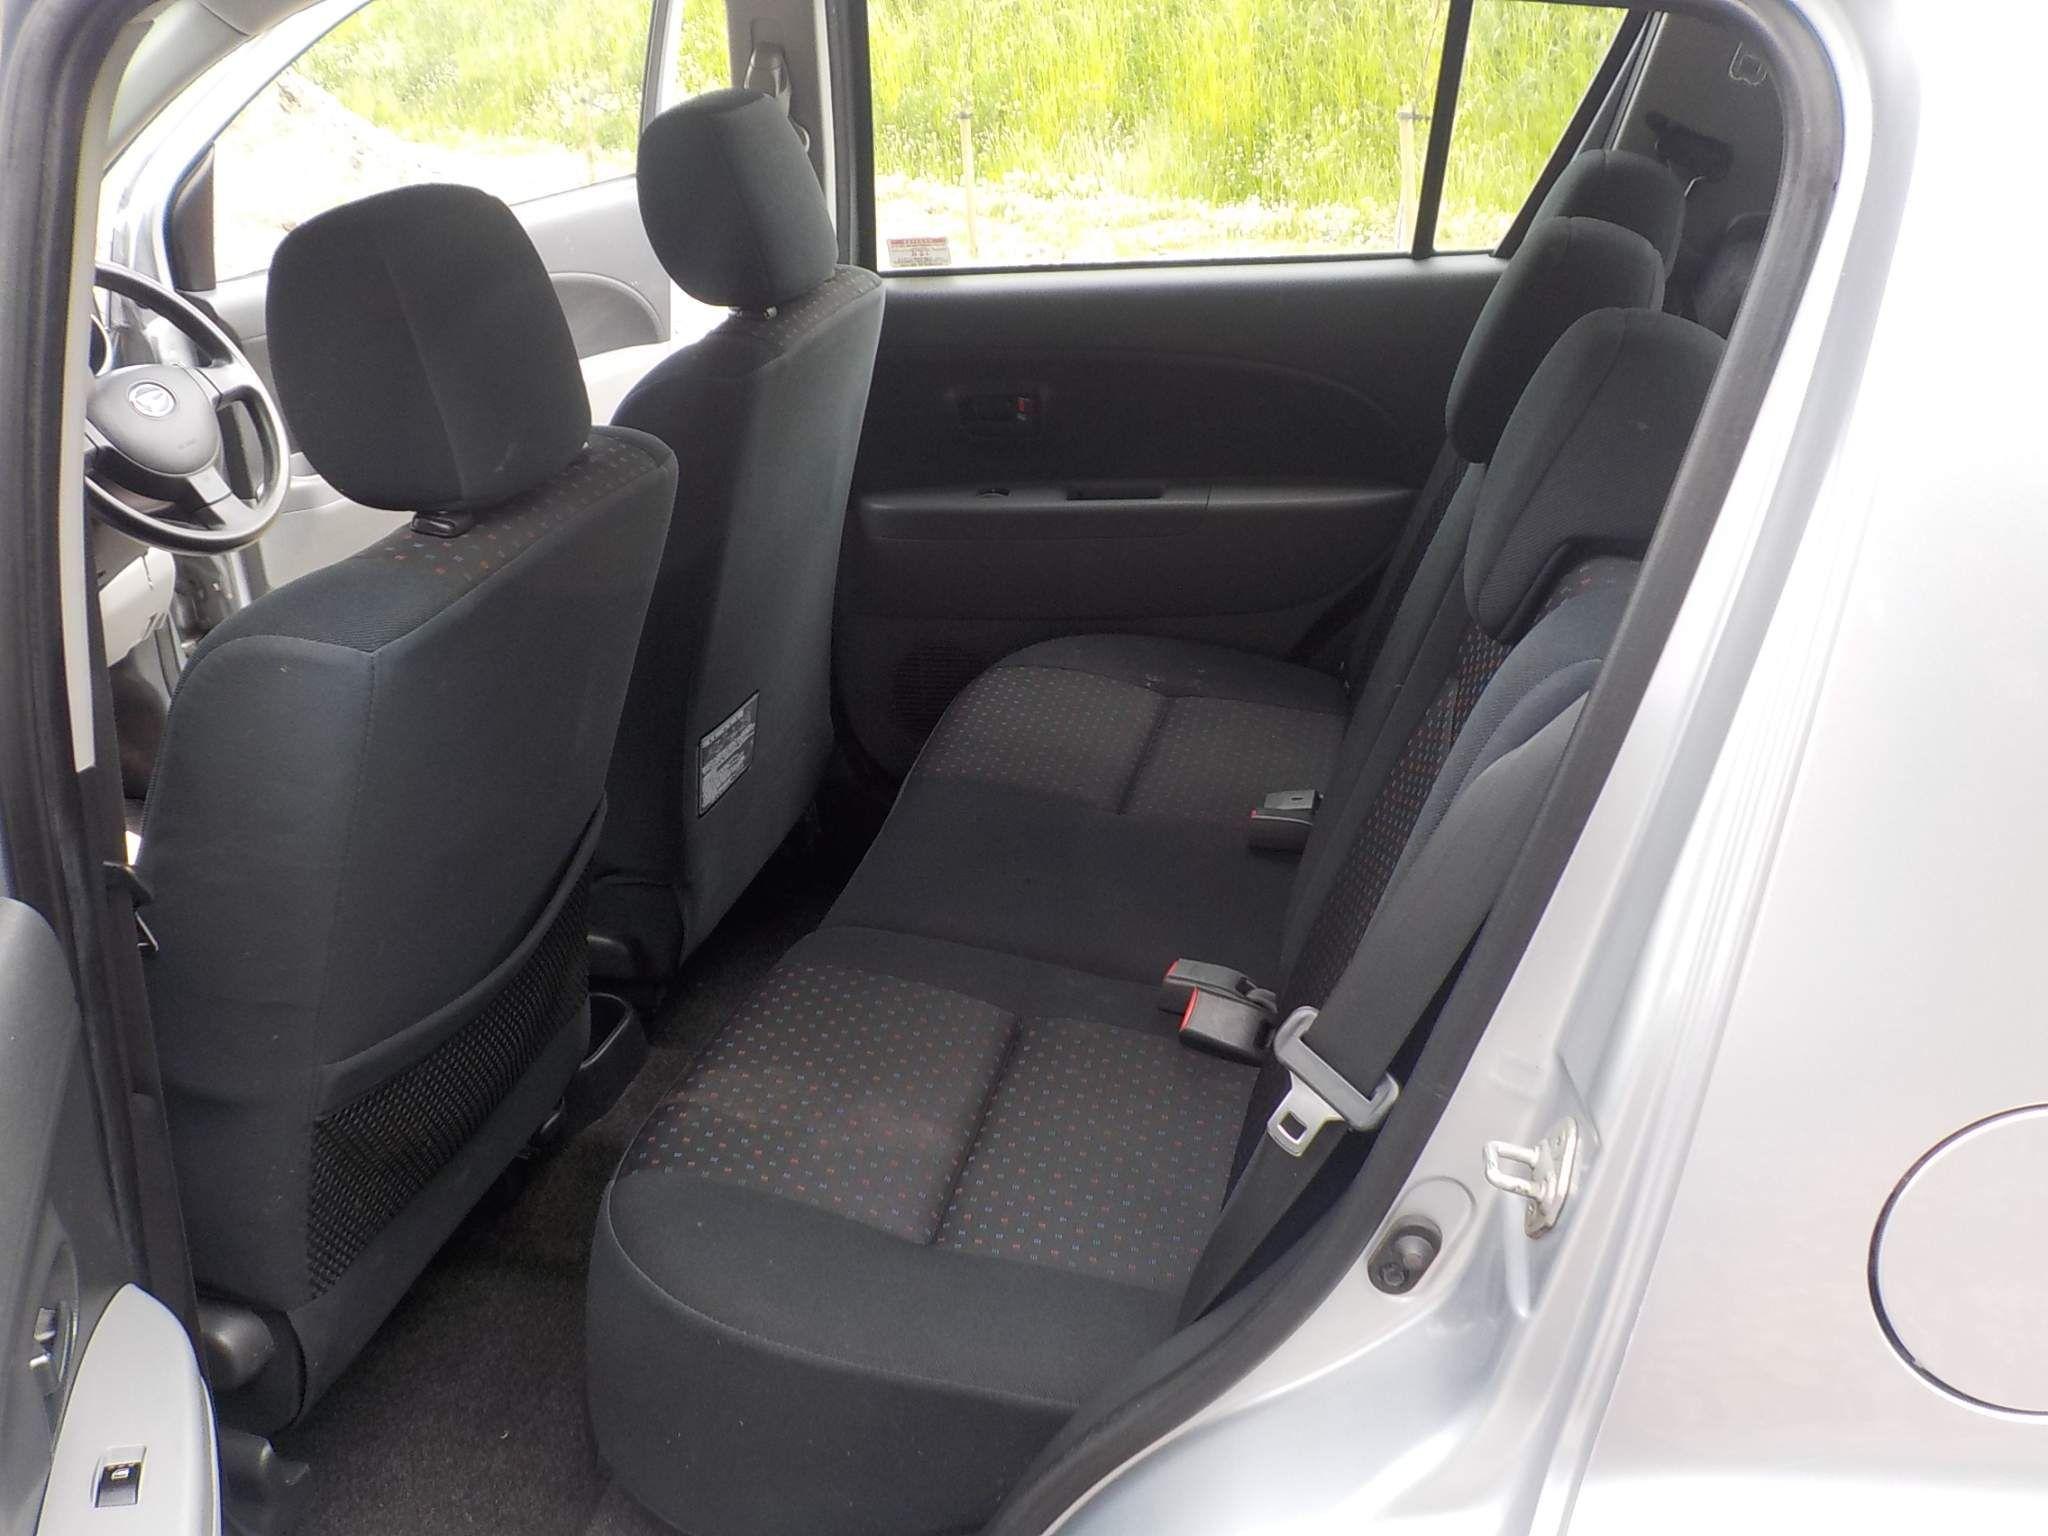 Daihatsu Sirion 1.0 SE 5dr